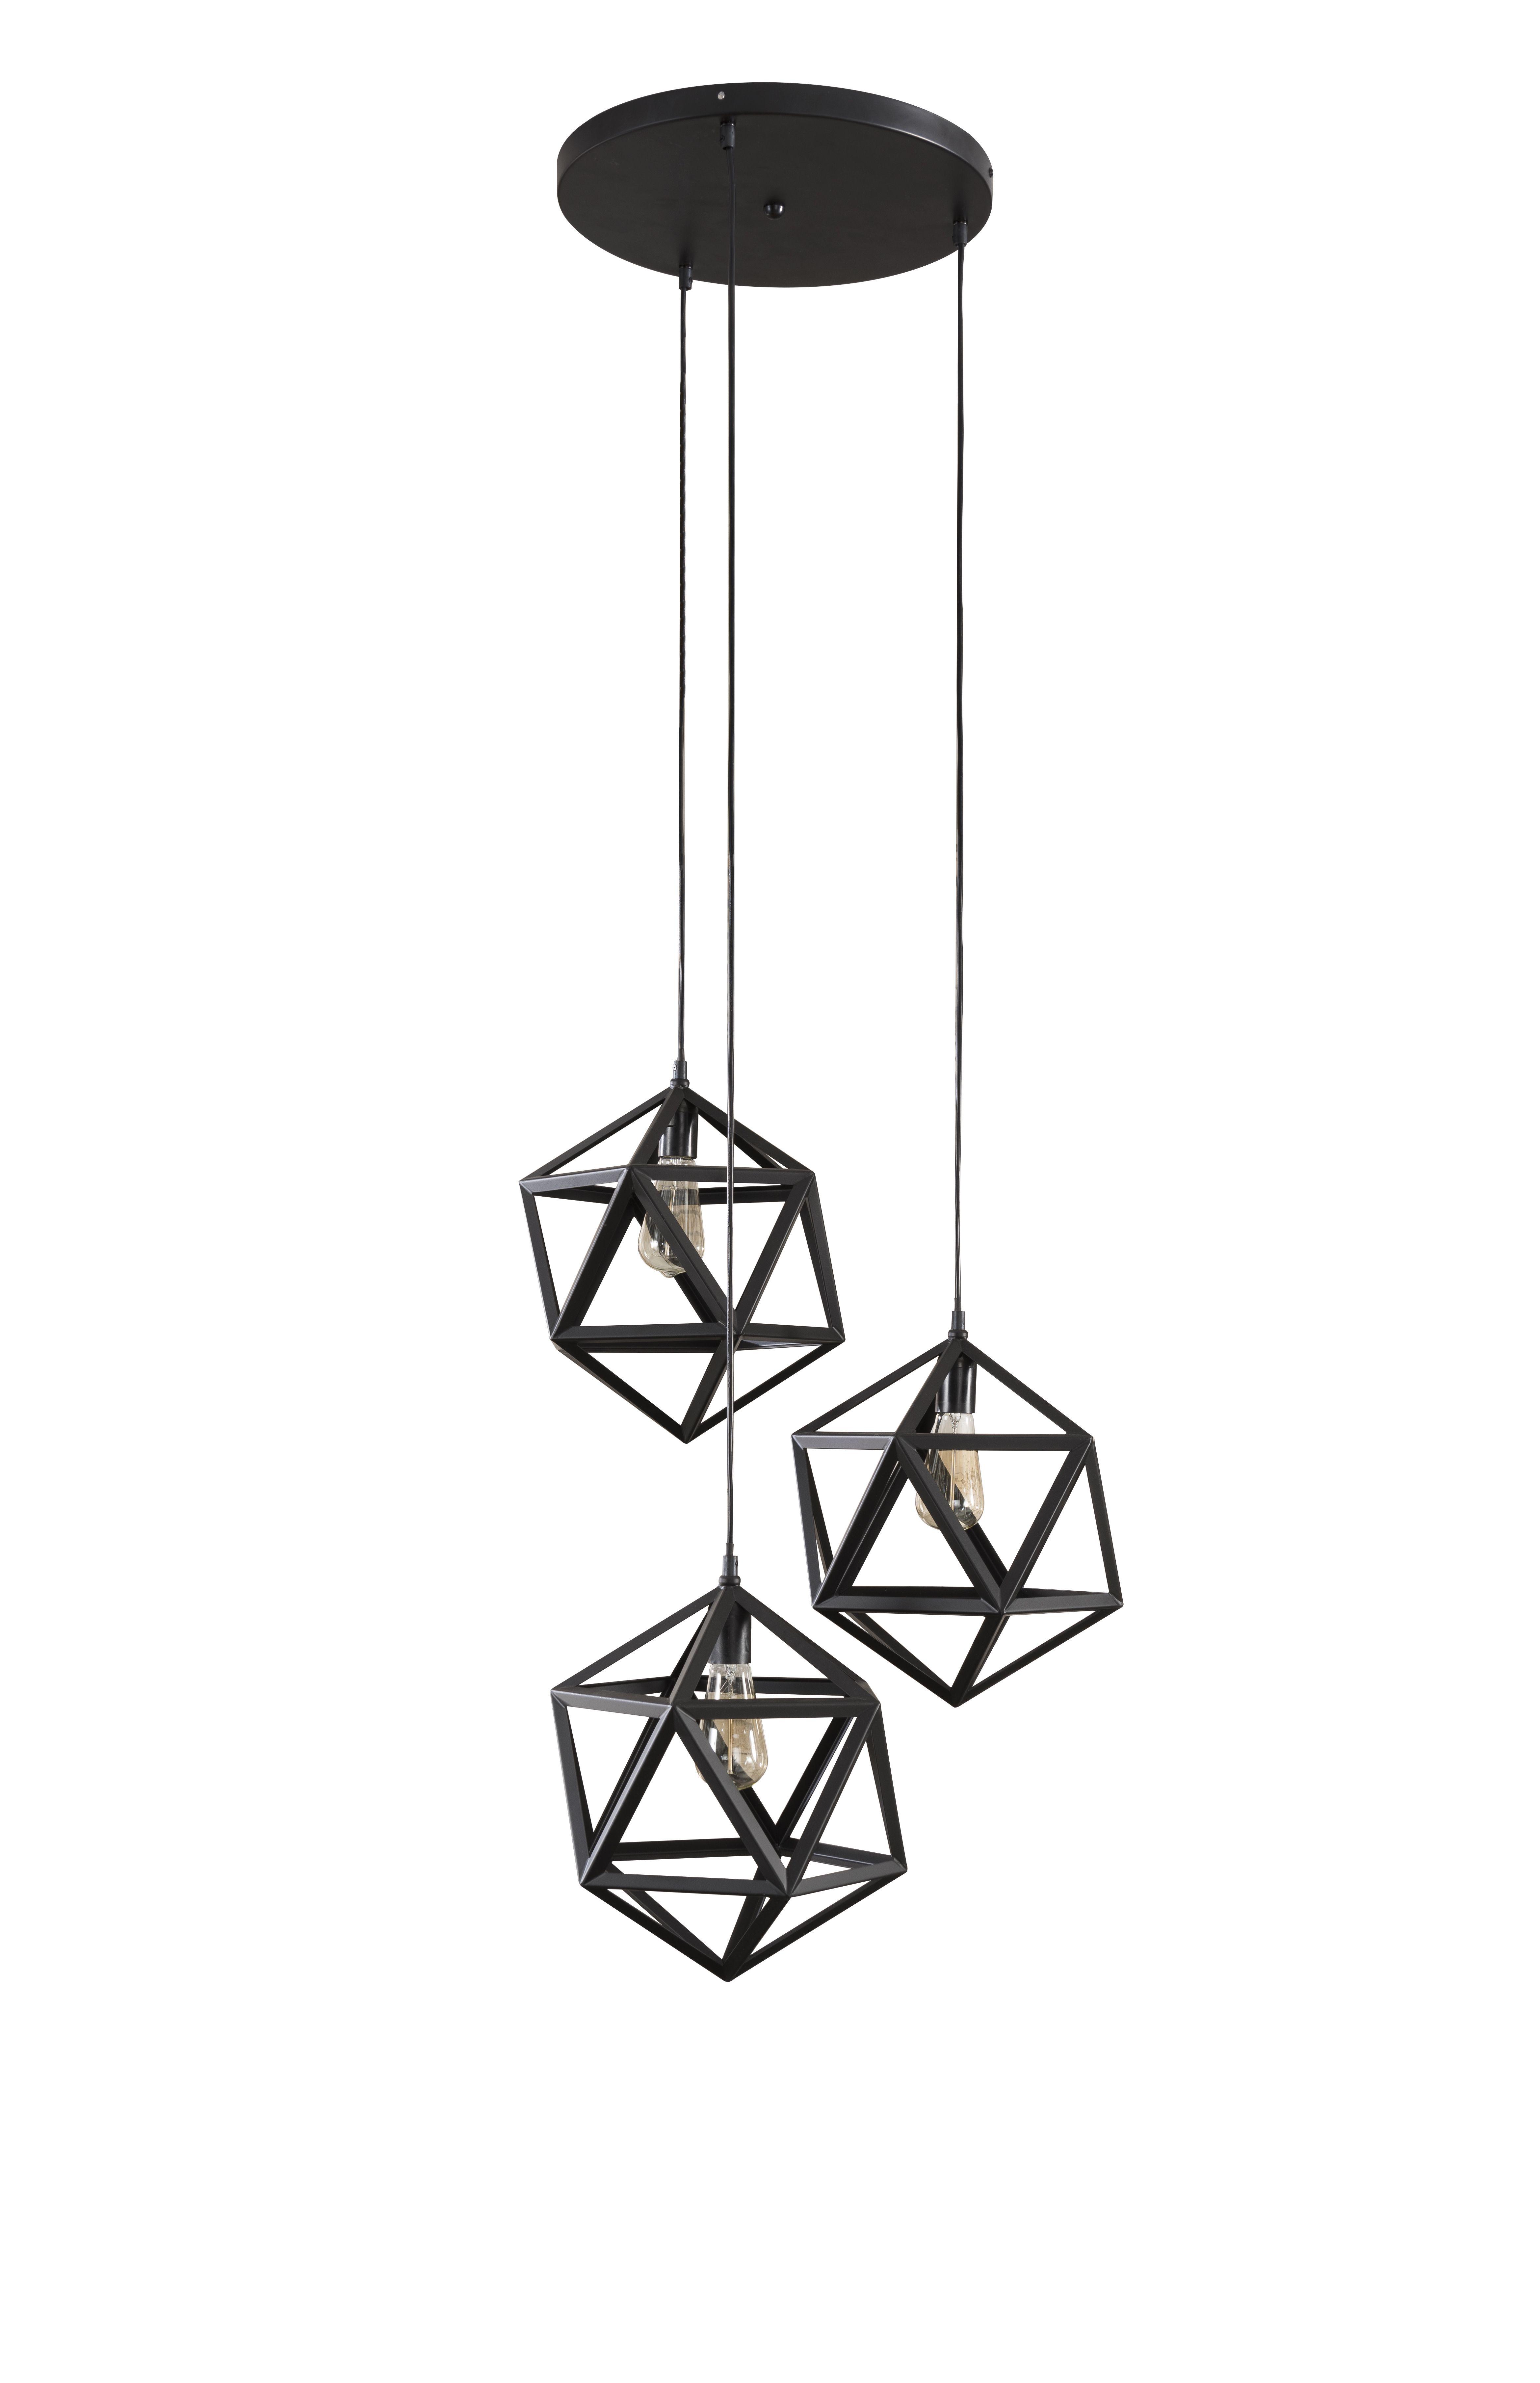 altenberg-hanglamp-triangel-zwart-6